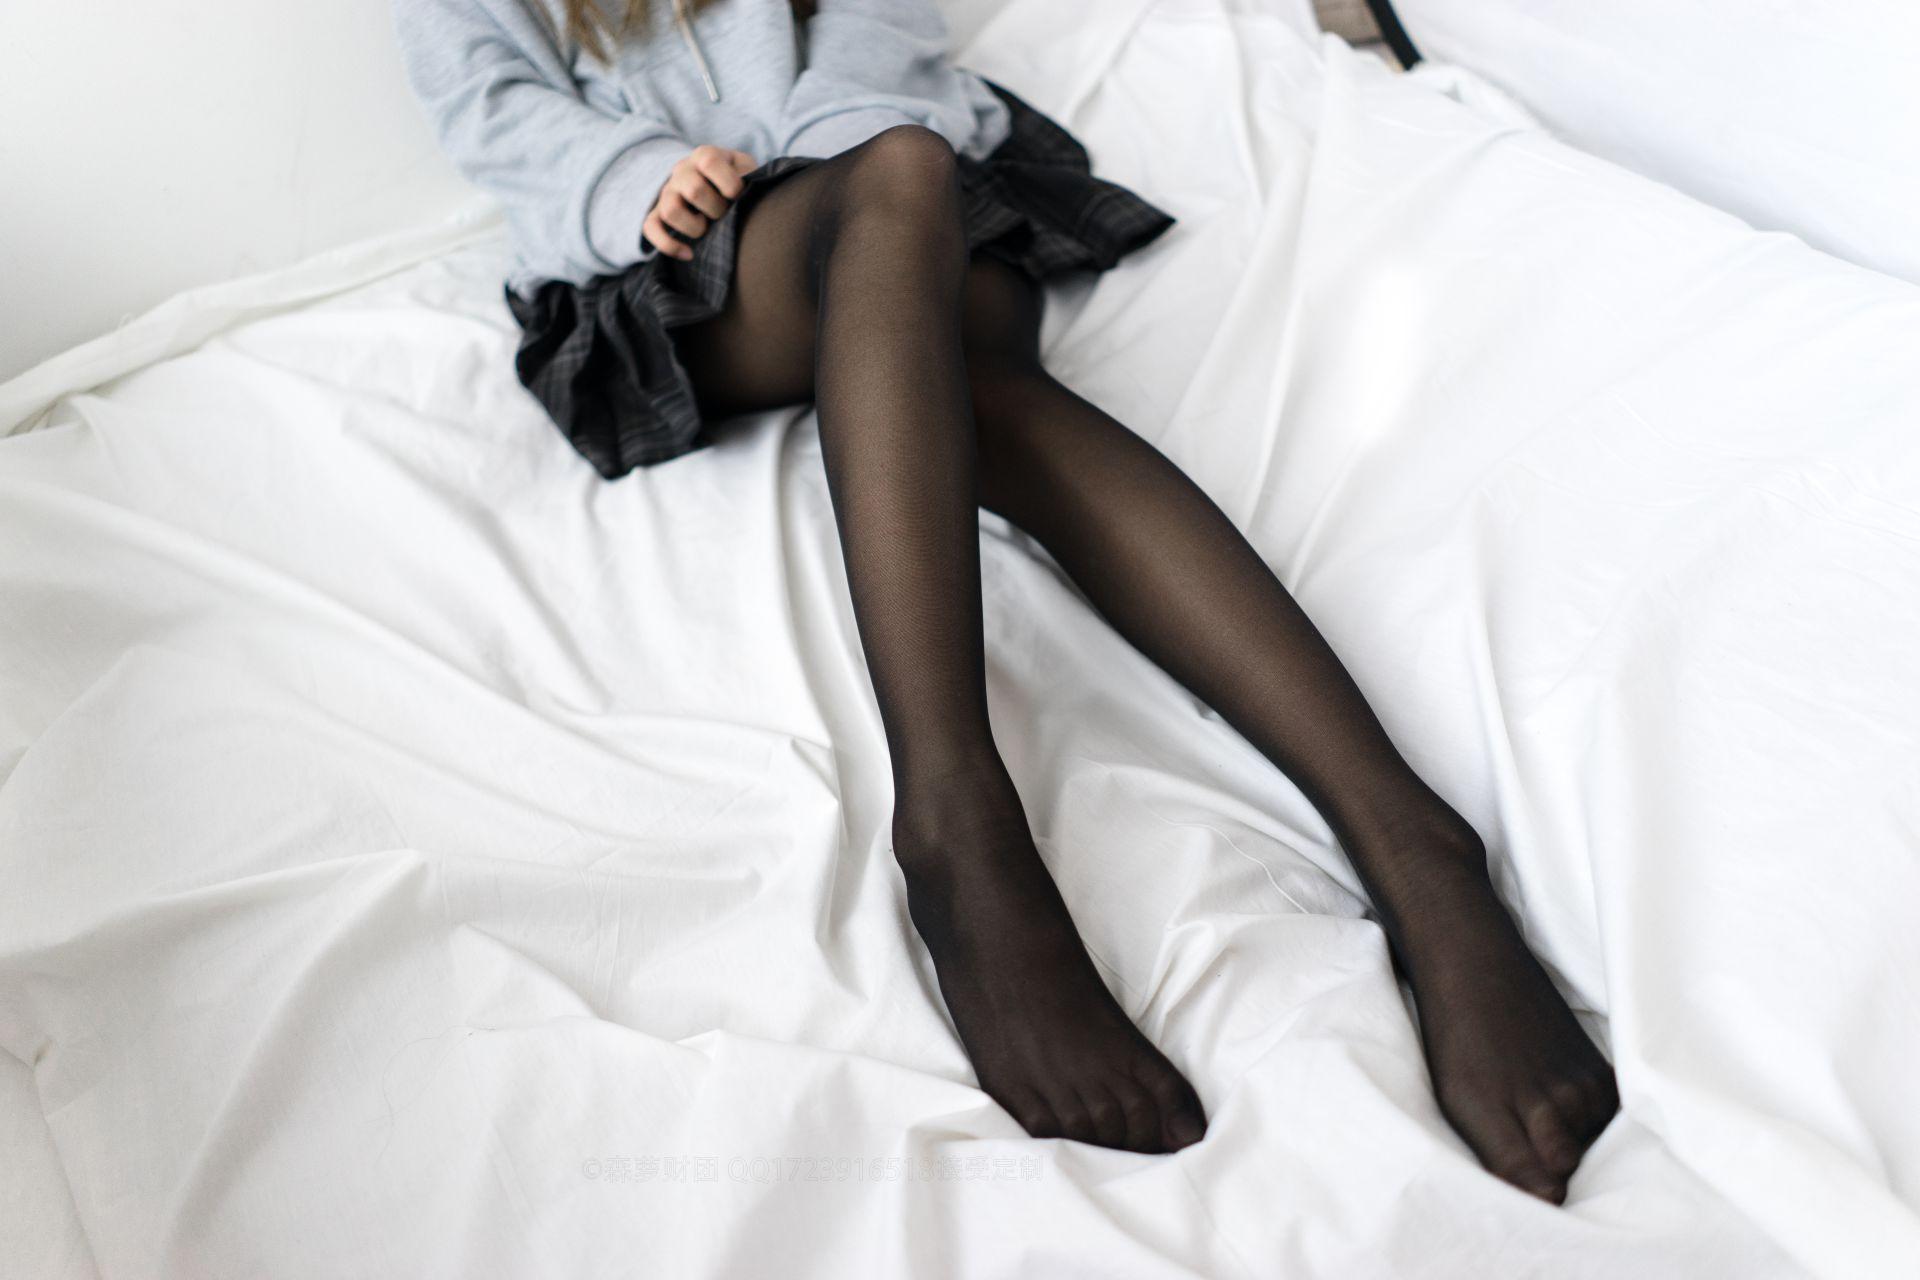 【森萝财团】森萝财团写真 - BETA-039 黑丝短裙 [44P-489MB] BETA系列 第2张